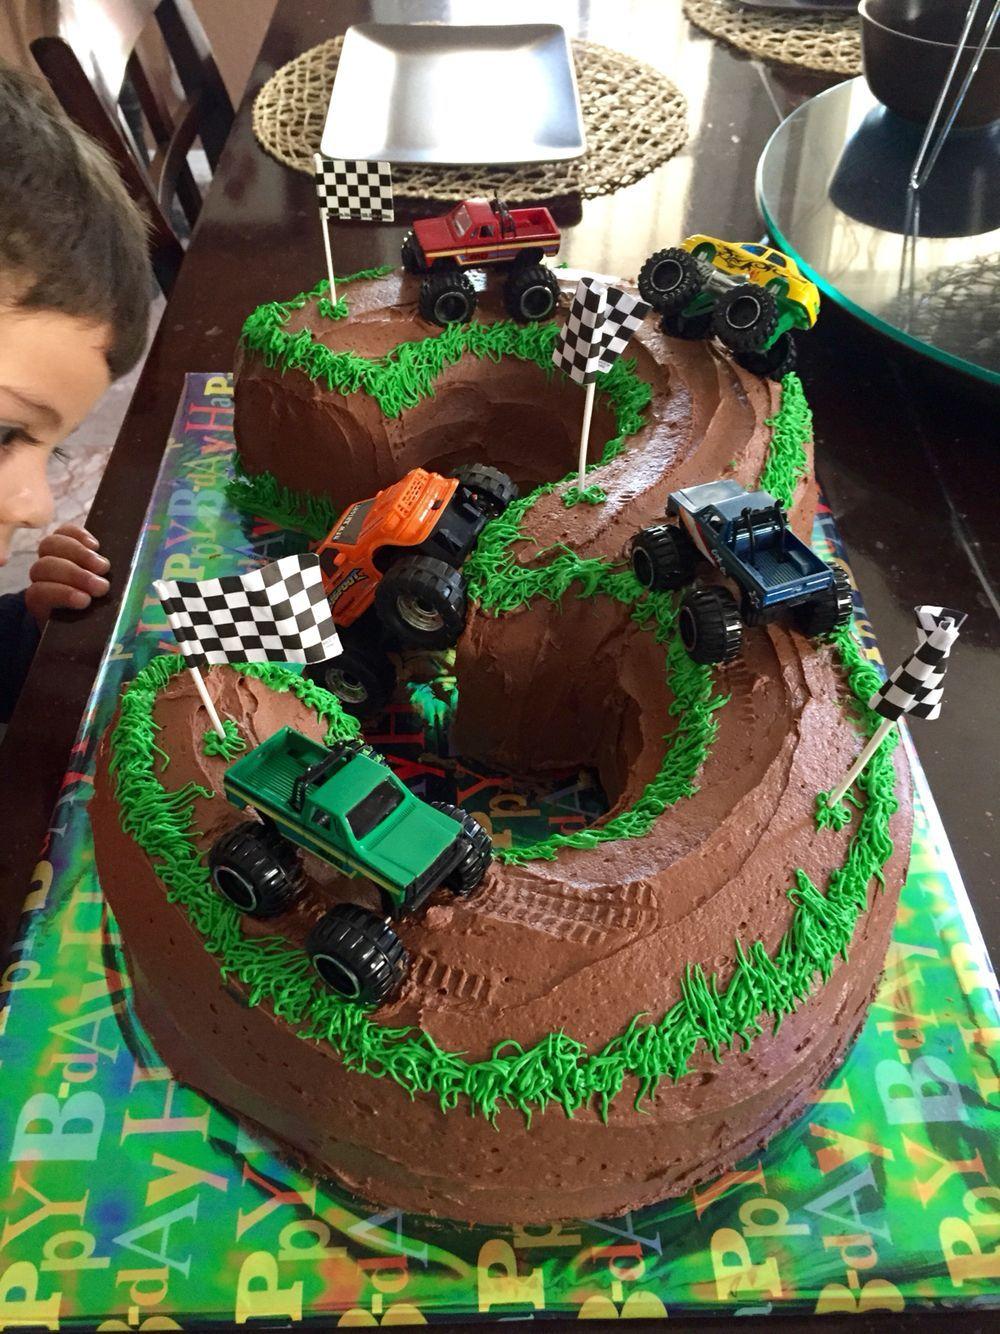 Monster Truck Cake 3 Years Old MonsterTrucks